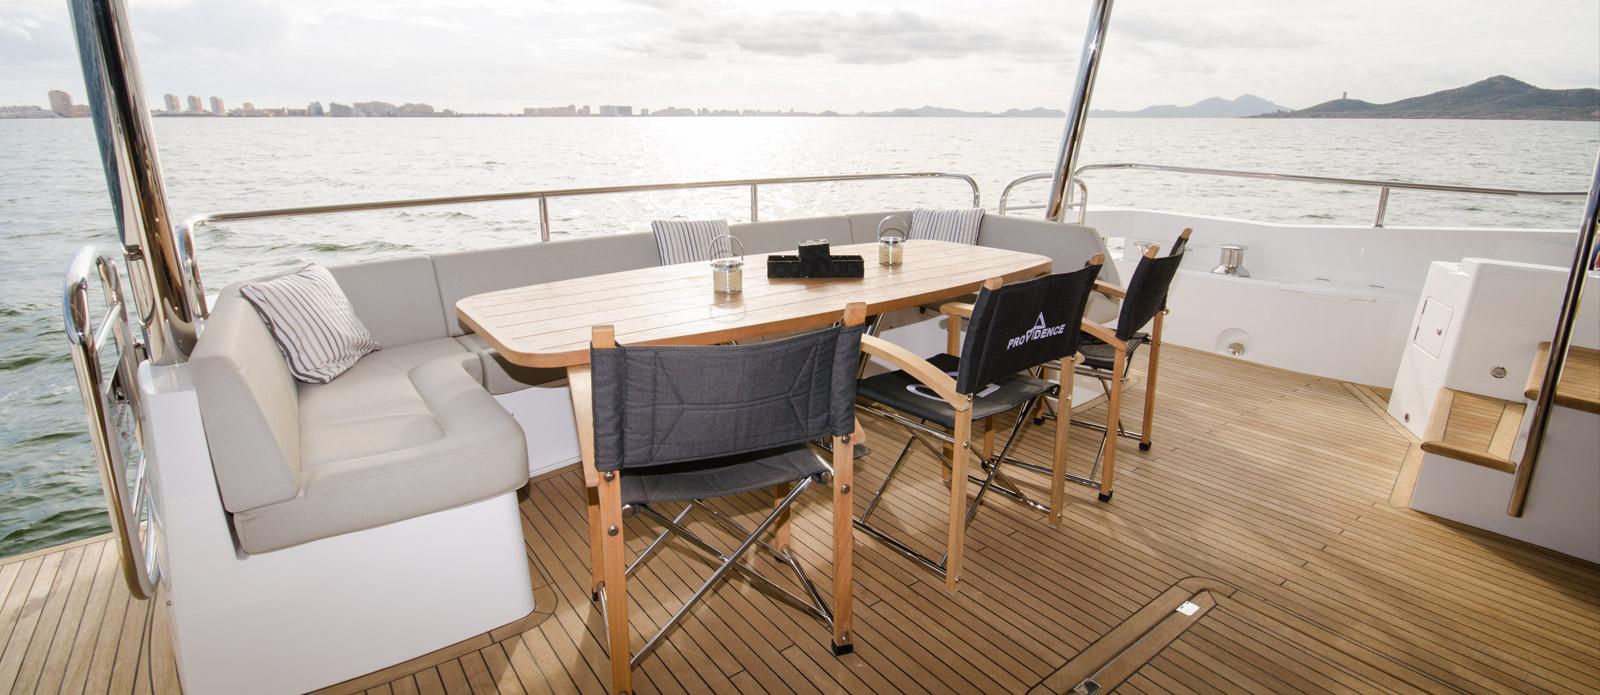 Sunseeker 86 Yacht - Aft-Cockpit